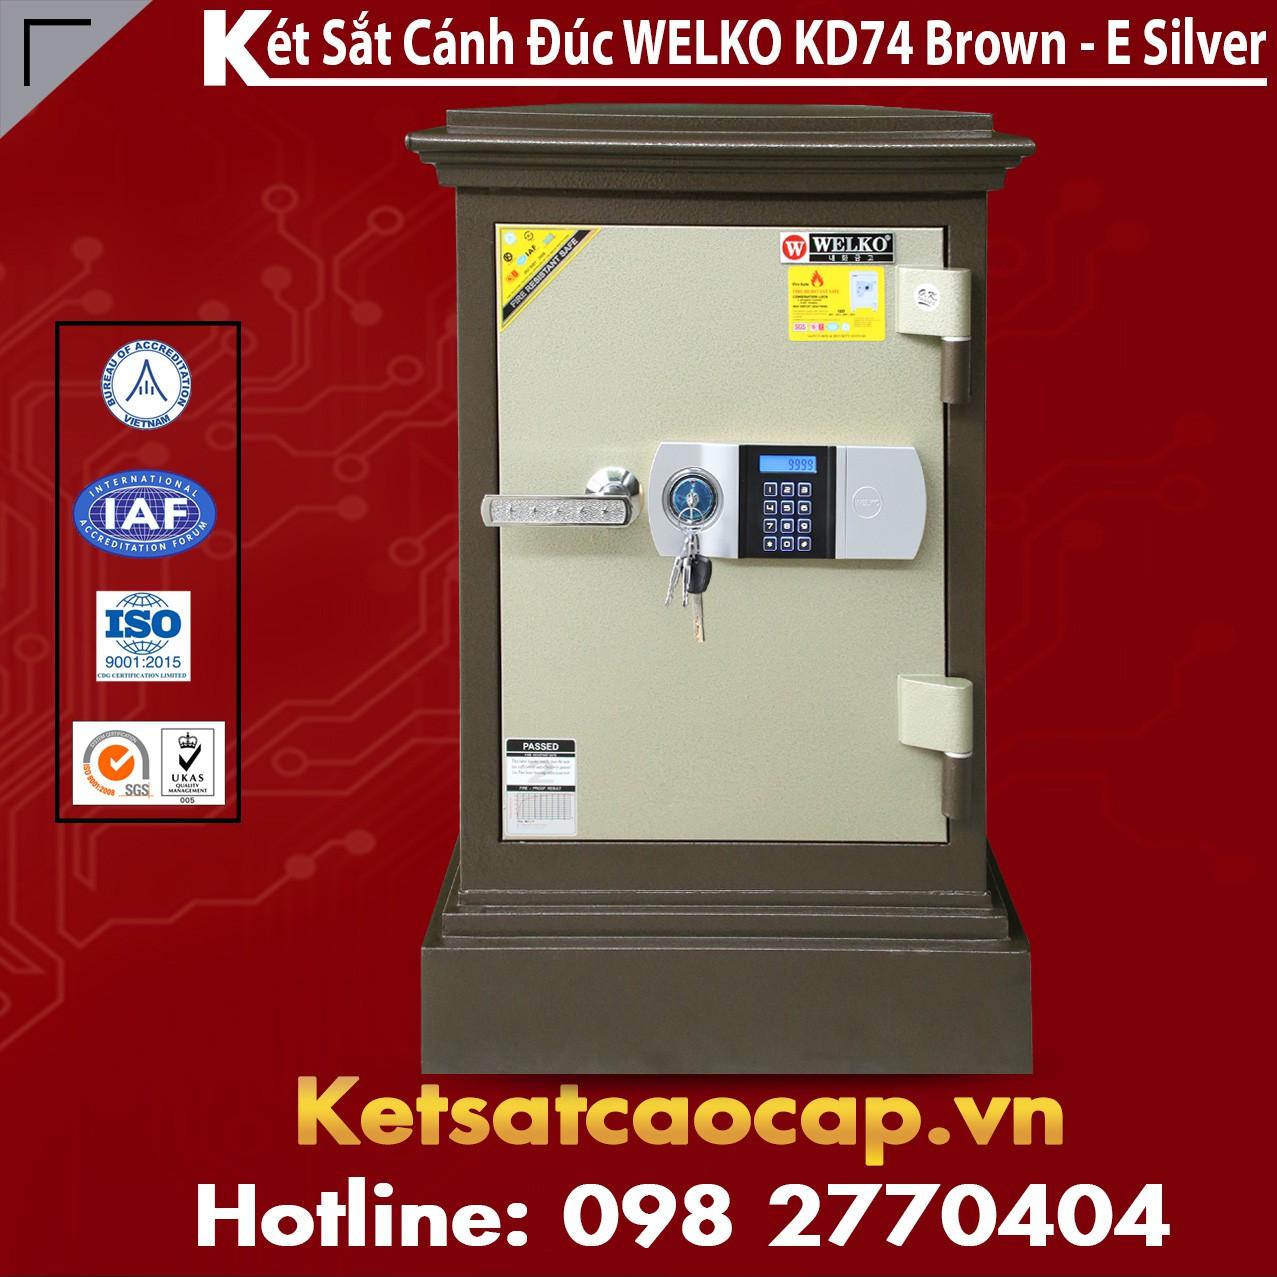 Két Sắt Cánh Đúc WELKO KD74 Brown - E Silver